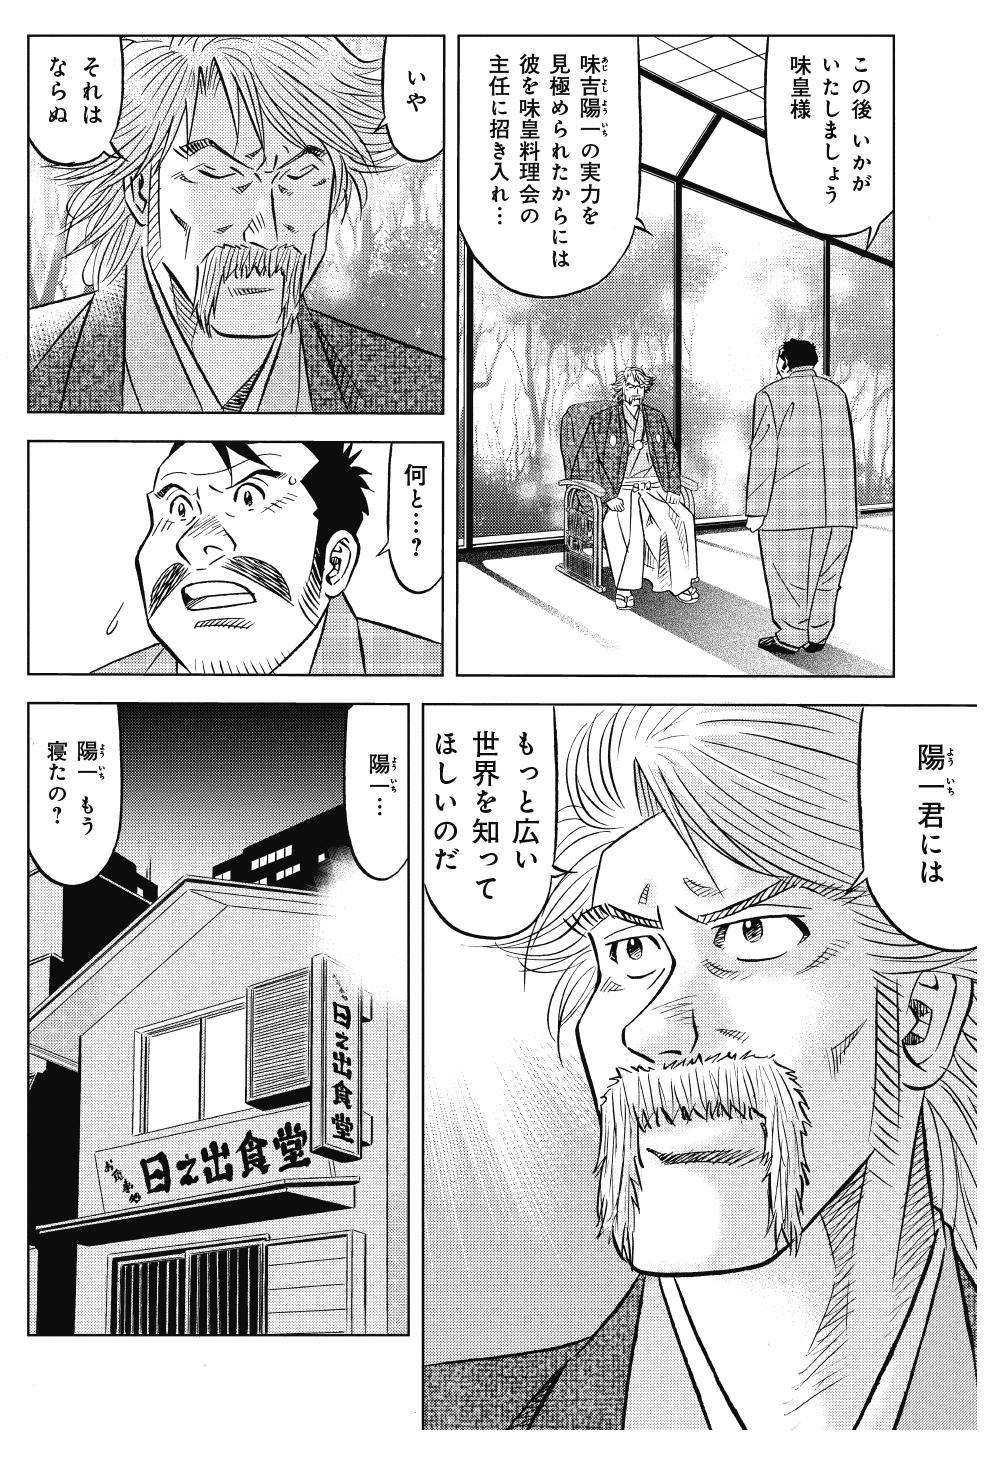 ミスター味っ子 幕末編 第1話「黒船来航」①ajikko03.jpg